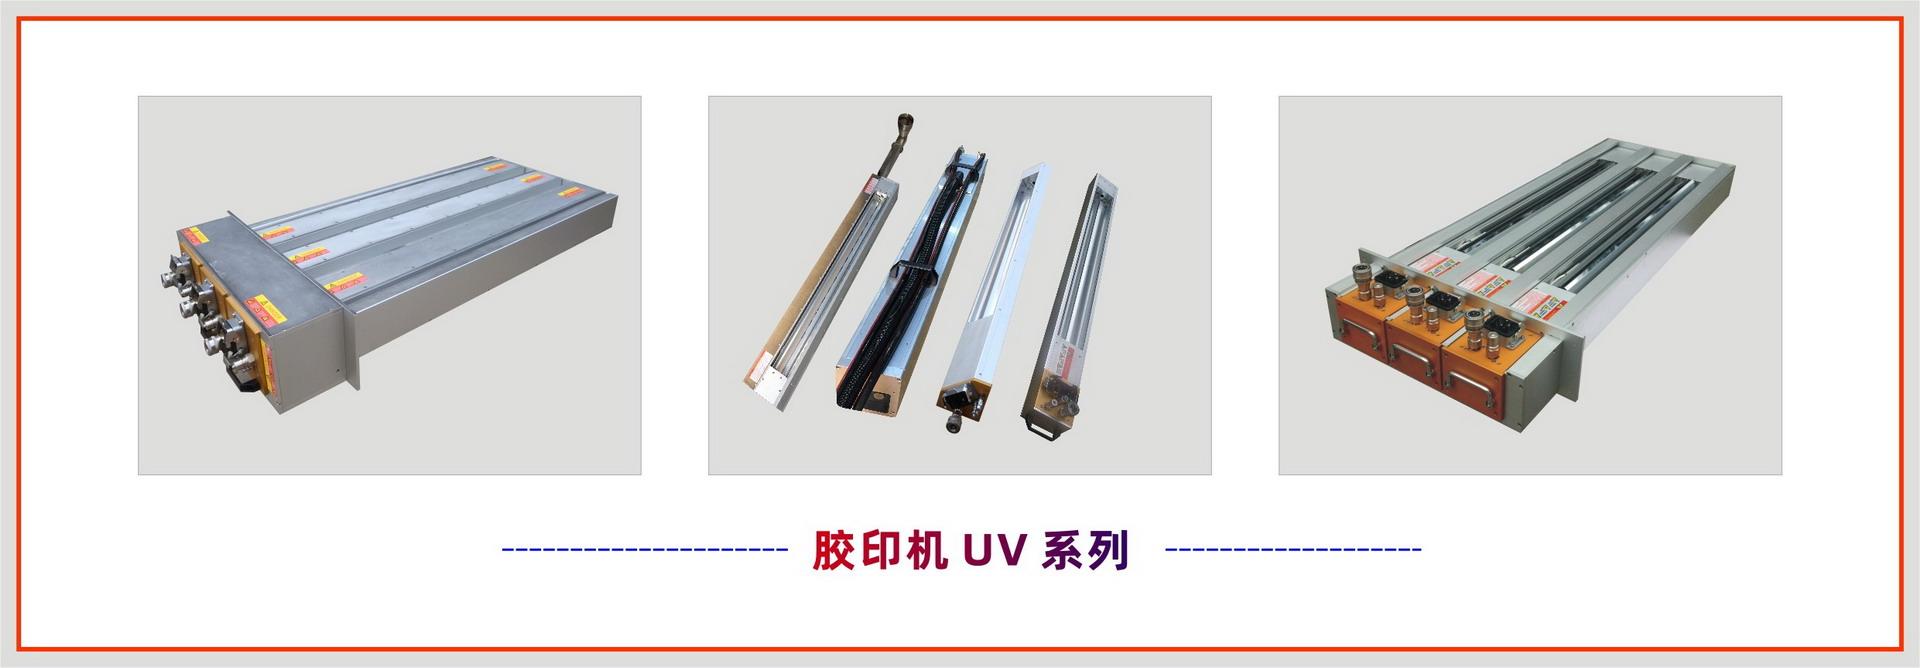 胶印UV灯罩